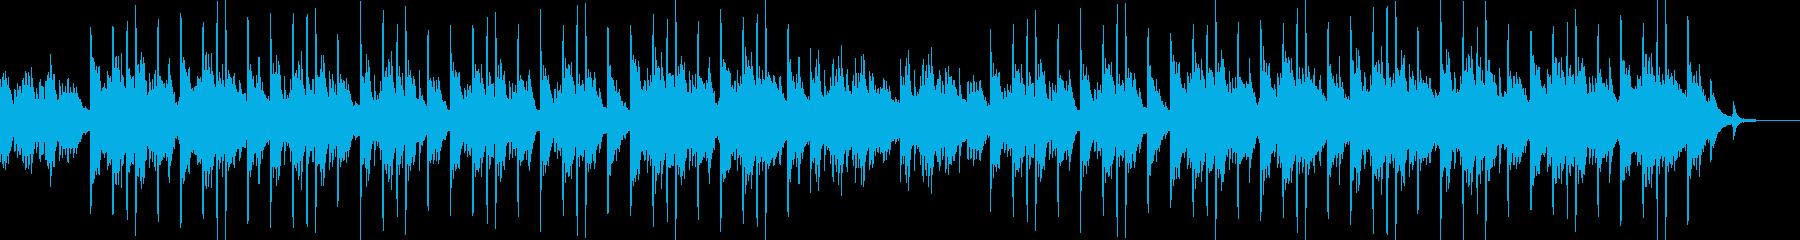 ピアノと琴のメロディが印象的な和風曲の再生済みの波形